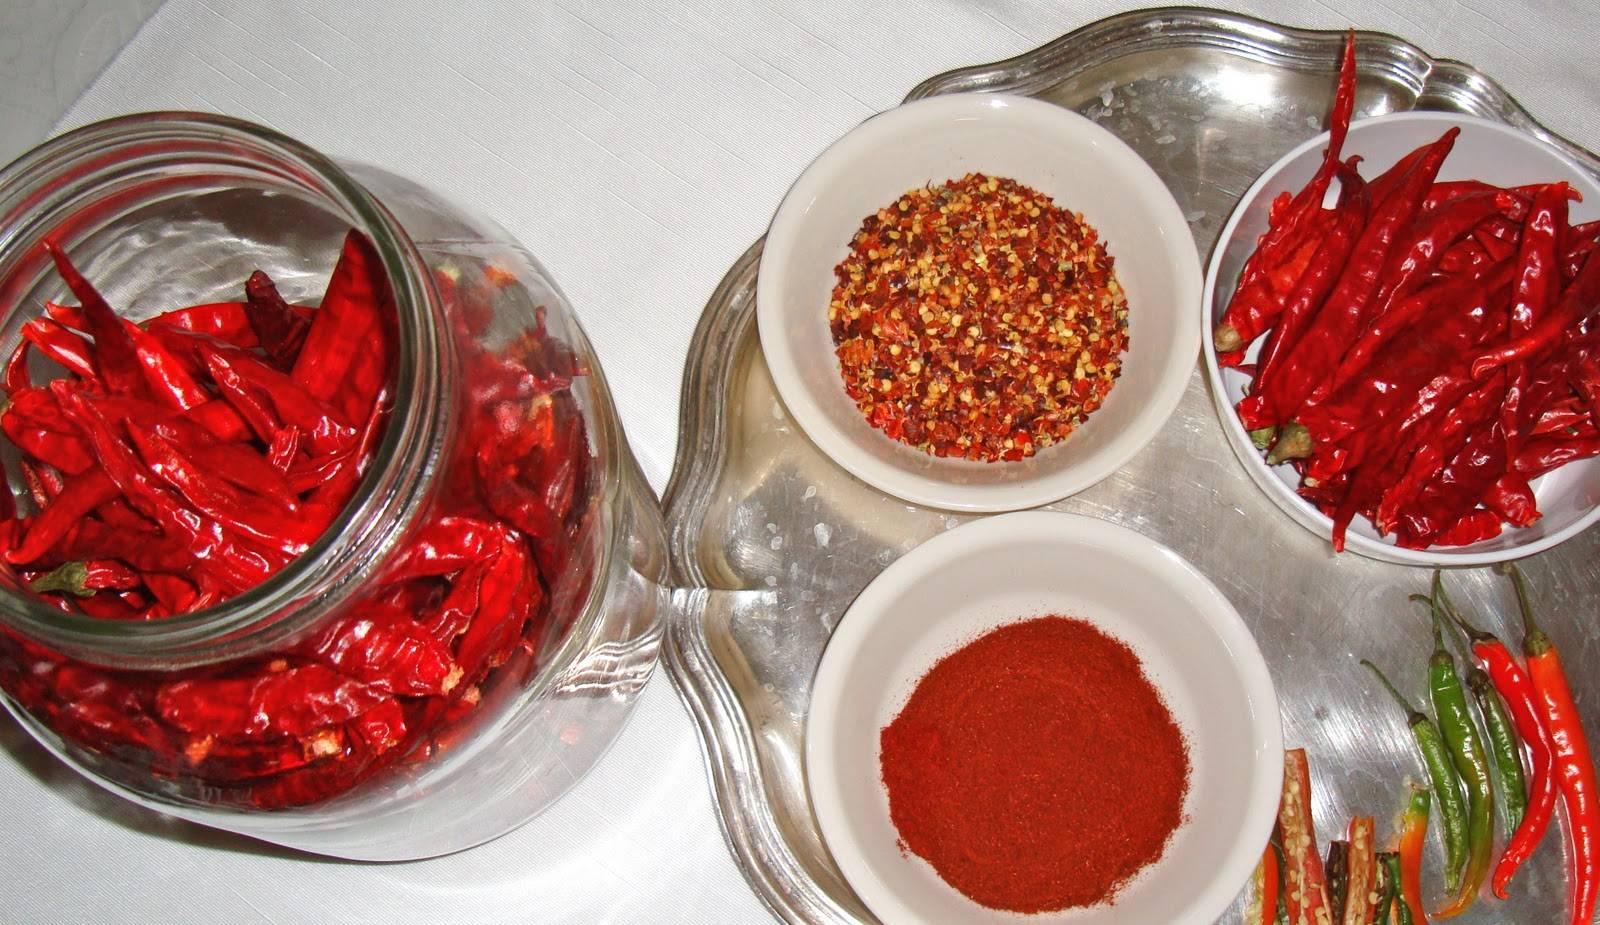 Приправа черный перец масала чай шейкеры с солью и перцем, черный перец, еда, перец чили png | pngegg